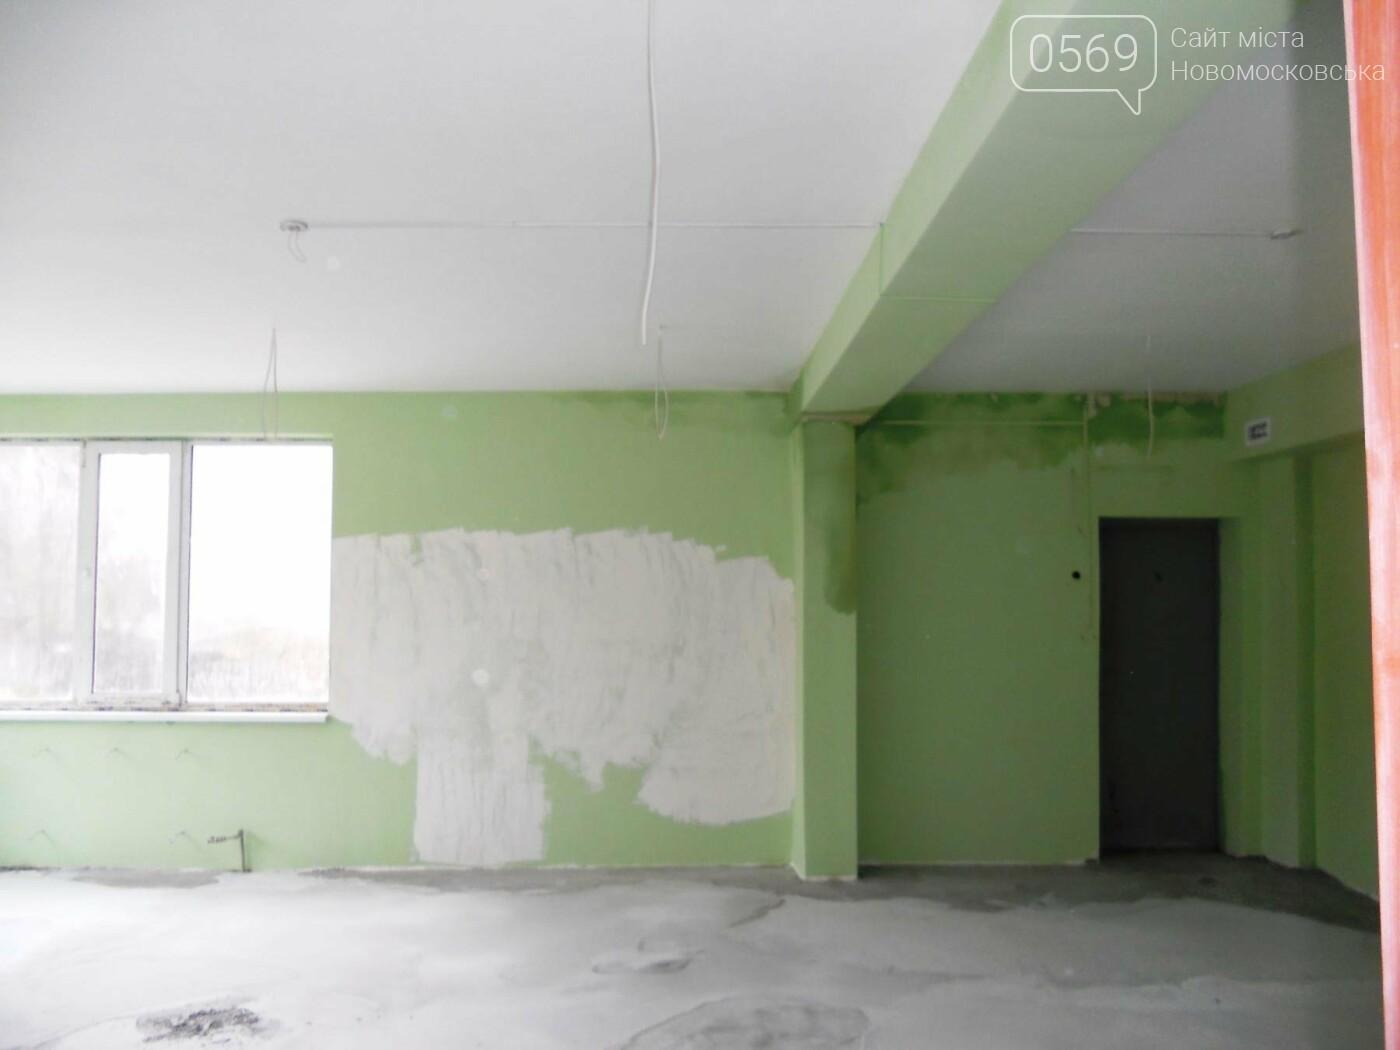 Детсад «Чебурашка» в Новомосковске: реконструкция завершается, а крыша течет, фото-1